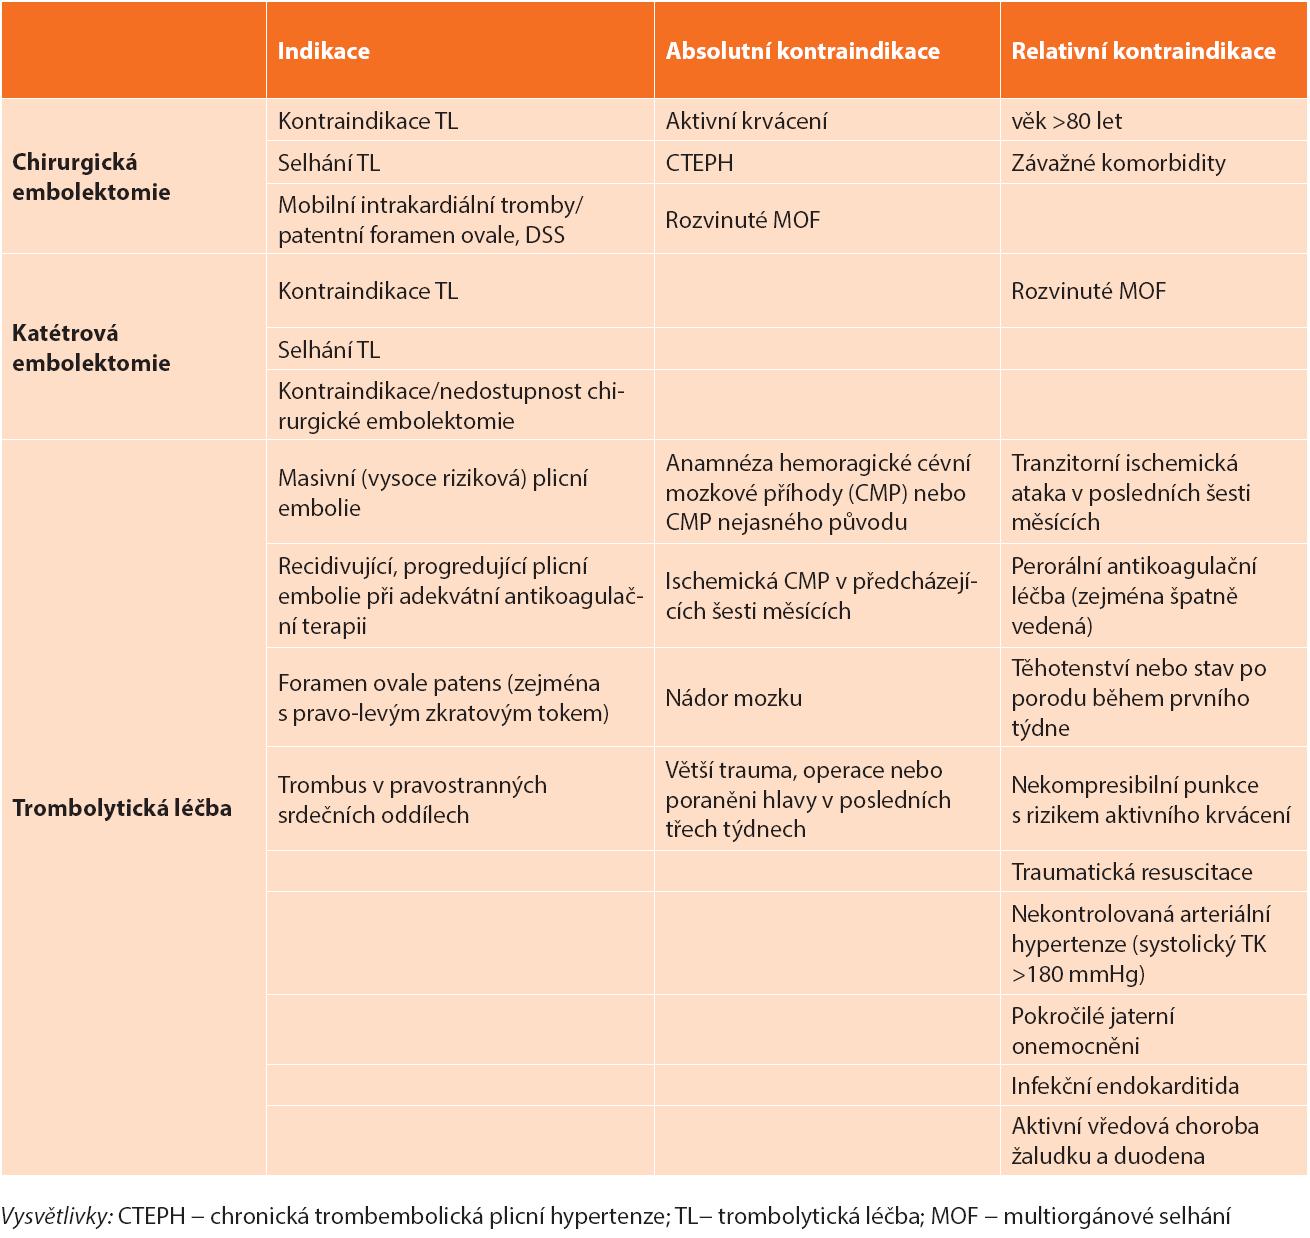 Indikace a kontraindikace reperfuzní léčby akutní masivní plicní embolie Tab. 1. Reperfusion strategies of massive acute pulmonary embolism